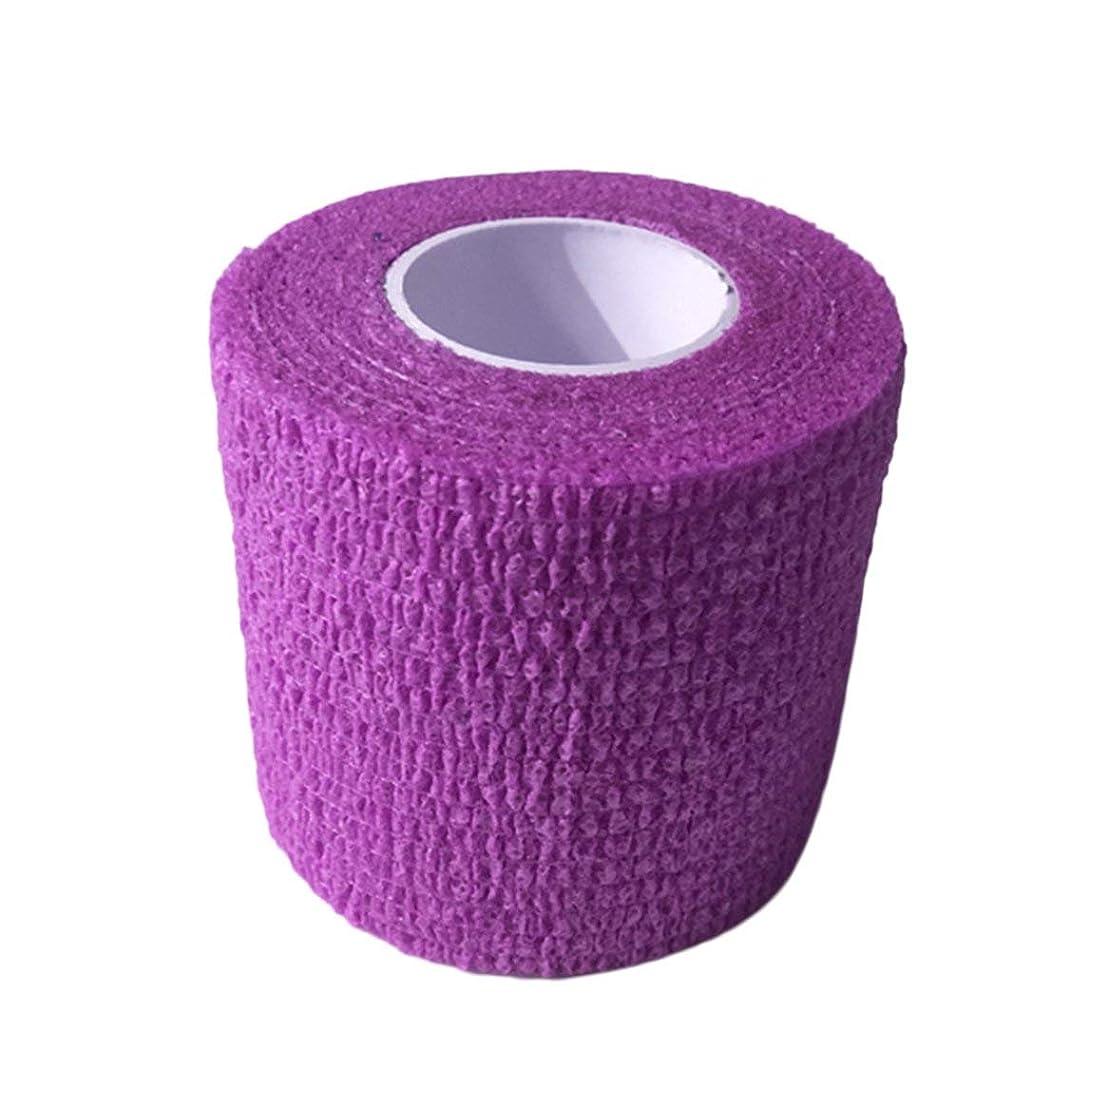 どこか繰り返しデータベースタトゥーマシンハンドルタトゥーアクセサリー(紫)の使い捨てタトゥーグリップカバーラップ自己接着弾性包帯